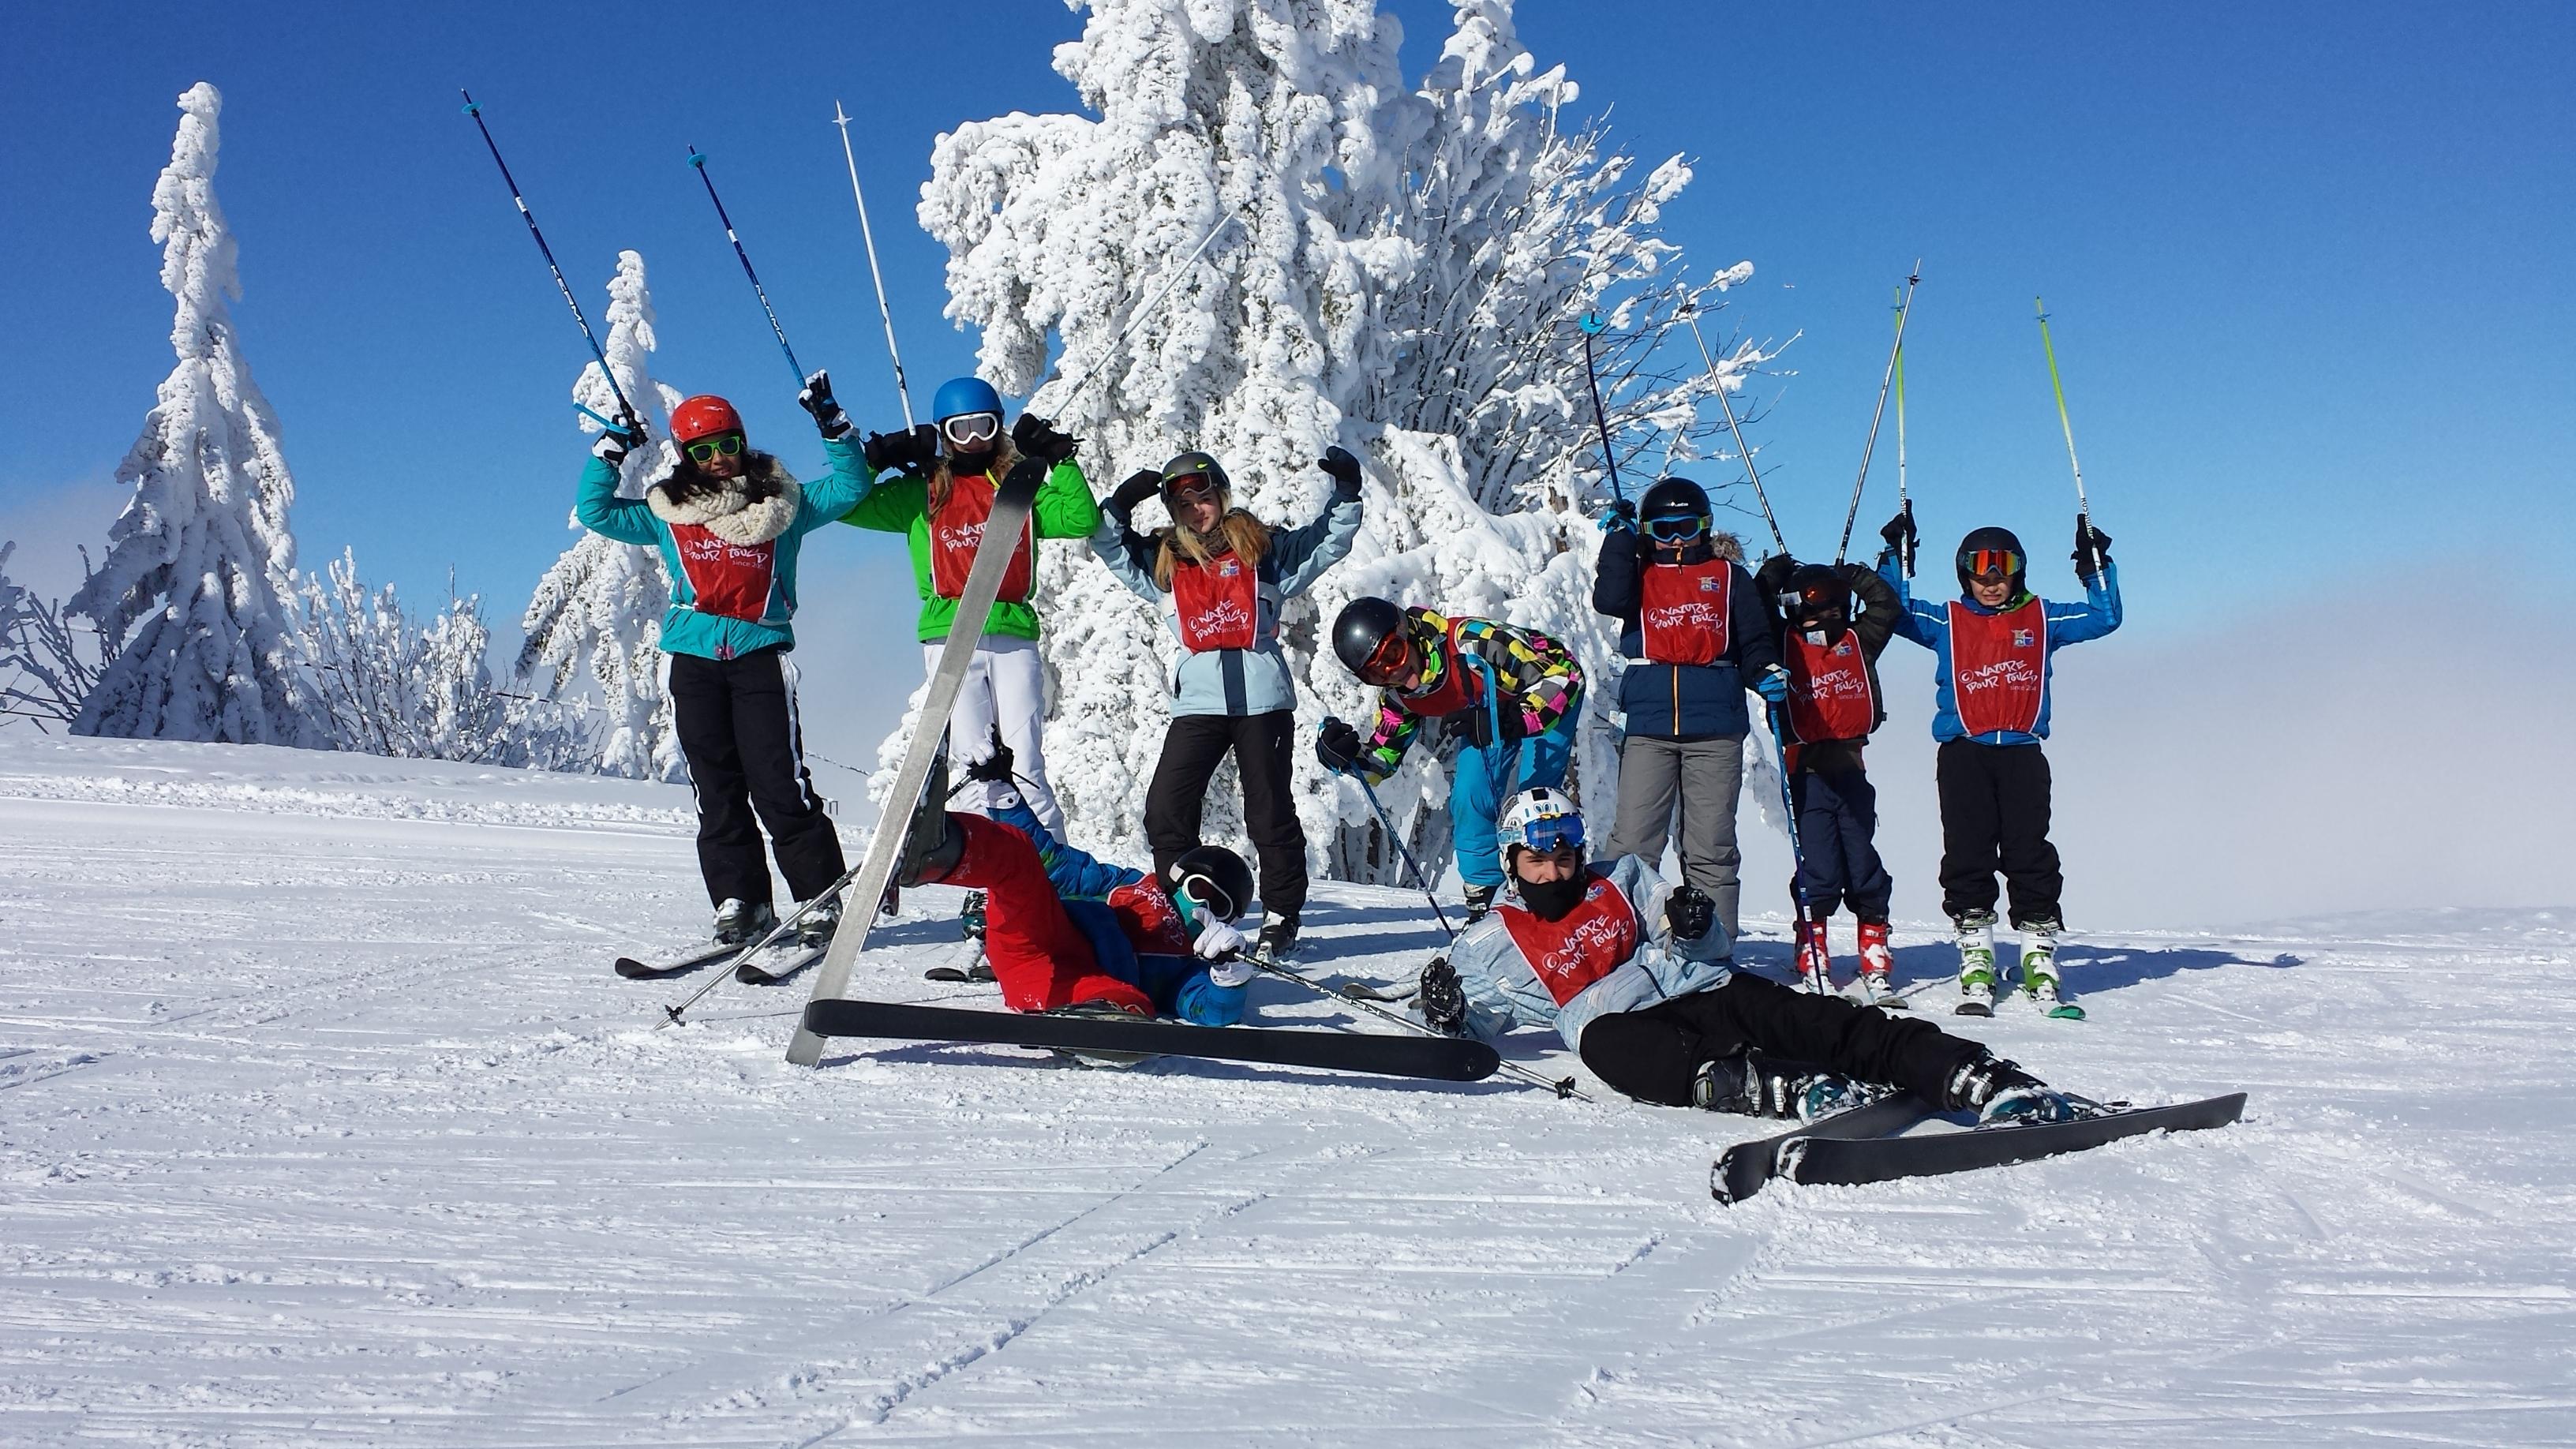 9 jeunes skieurs en ski, bâtons en l'air devant un arbre totalement enneigé sur une piste de ski en colonie de vacances supernova Juniors